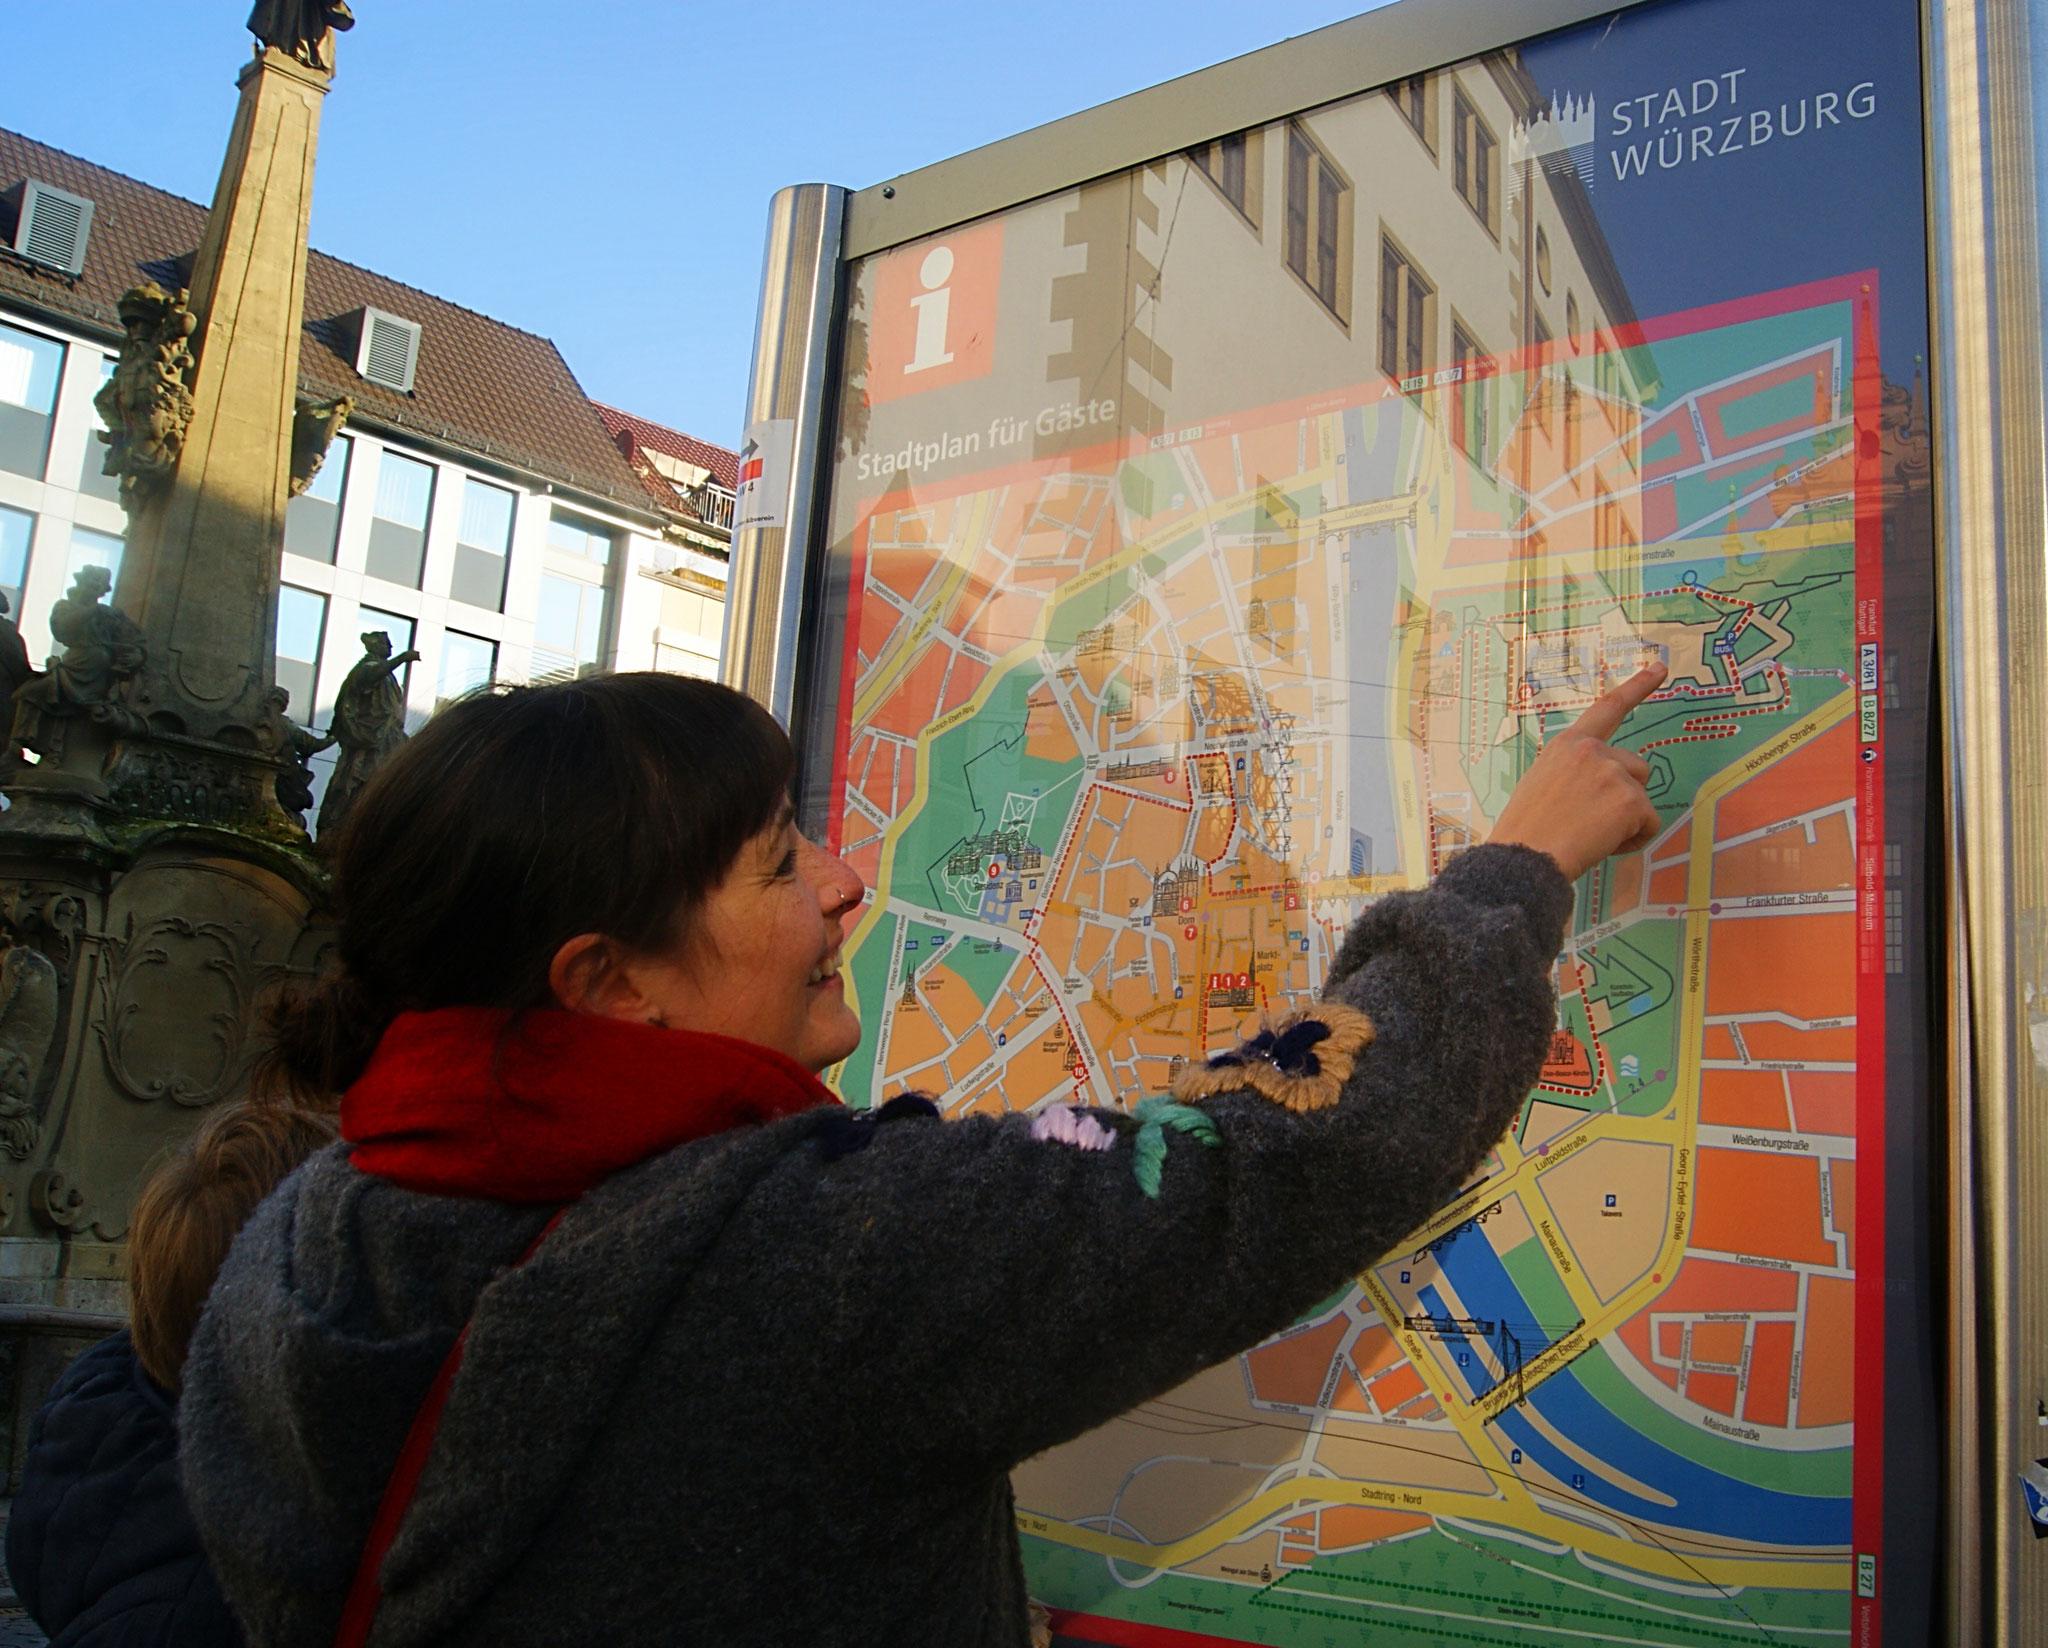 In Würzburgs Innenstadt